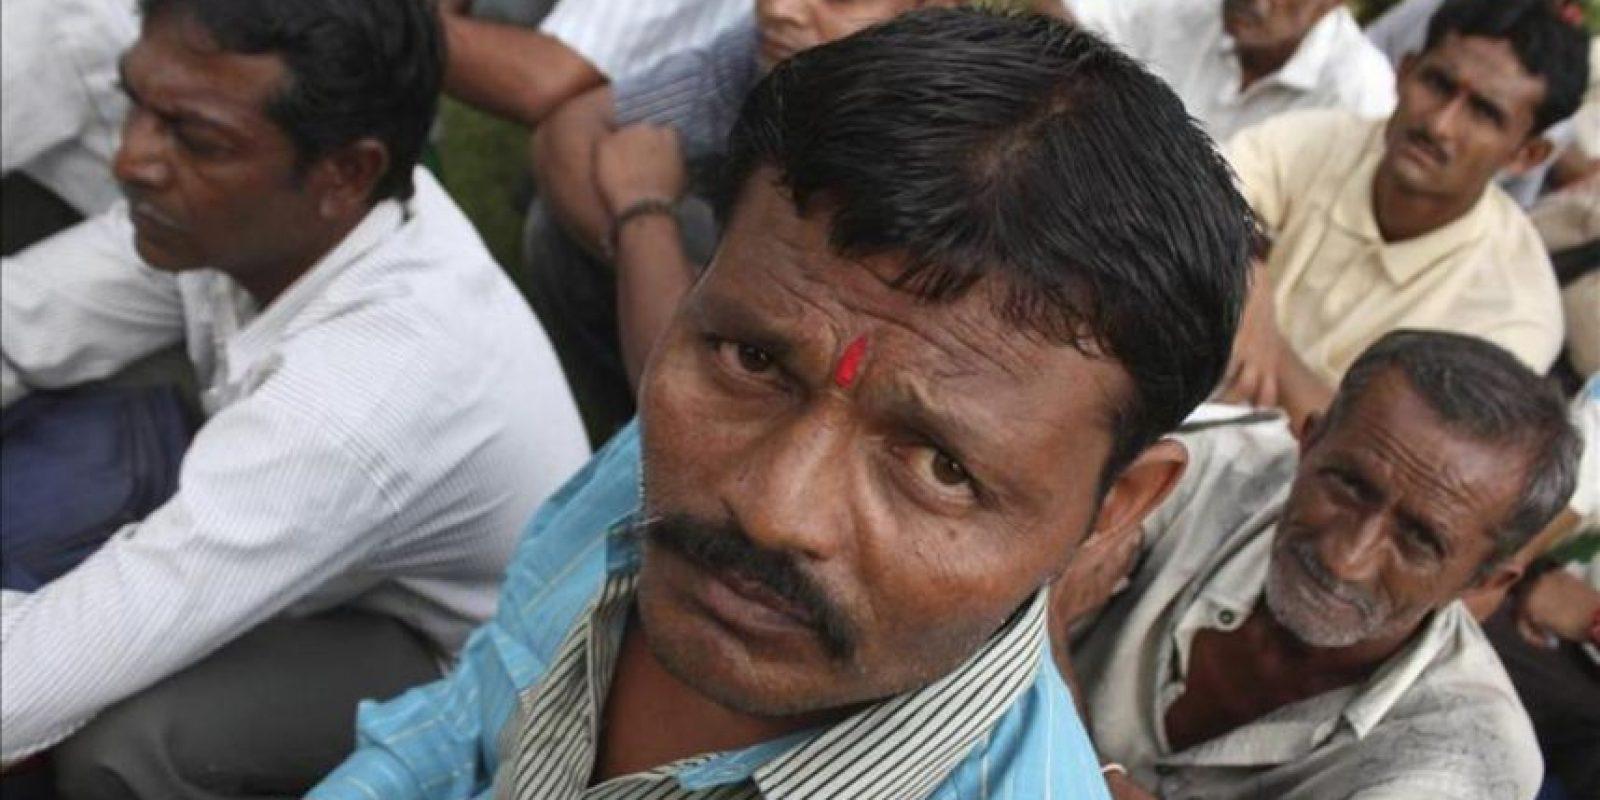 Peescadores indios esperan tras abandonar una cárcel en Karachi (Pakistán) después de ser liberados hoy. EFE